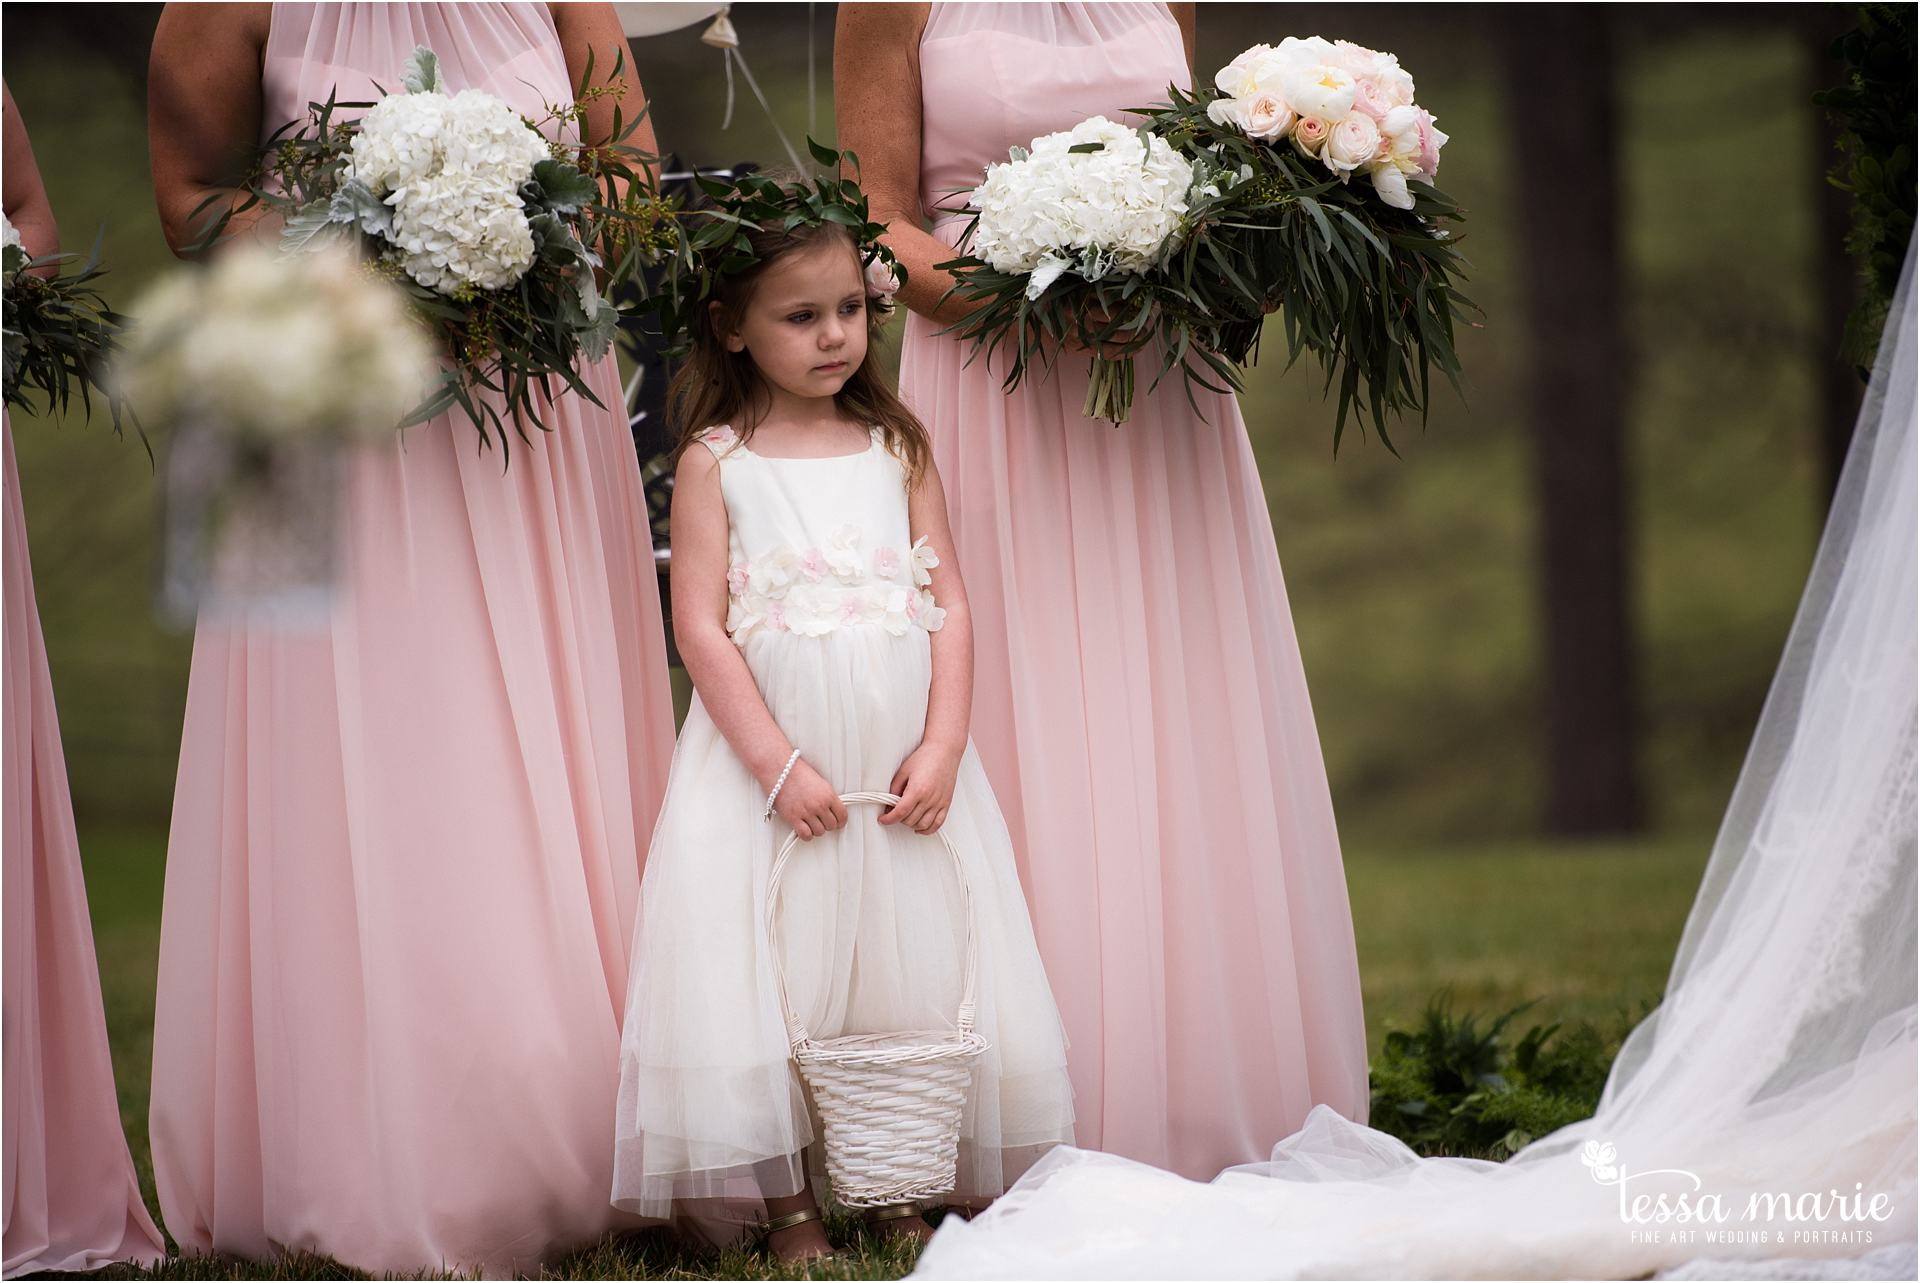 032216_brittany_kevin_wedding-119